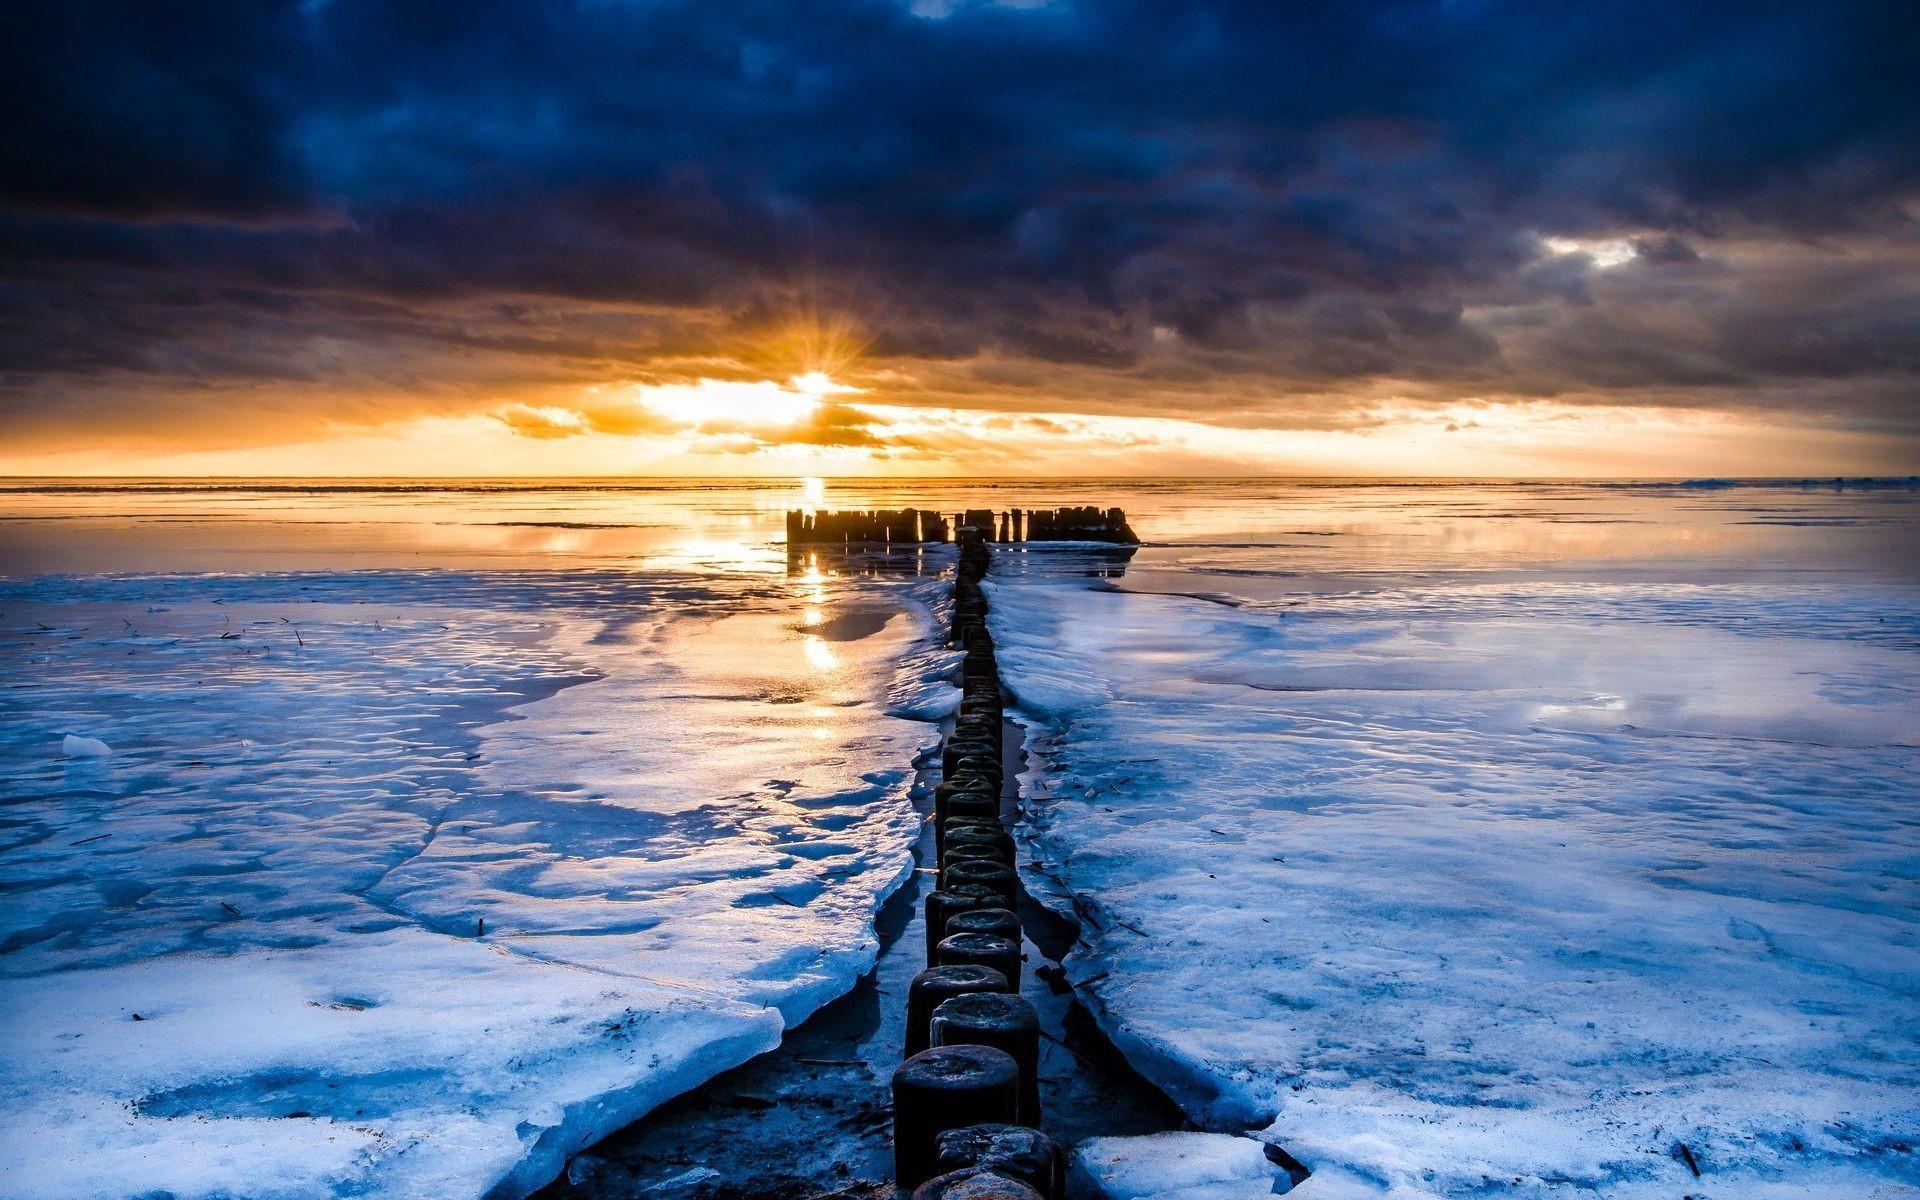 Ocean Ice HD Wallpapers 10 whb #OceanIceHDWallpapers #OceanIce #Ocean #Ice  #nature